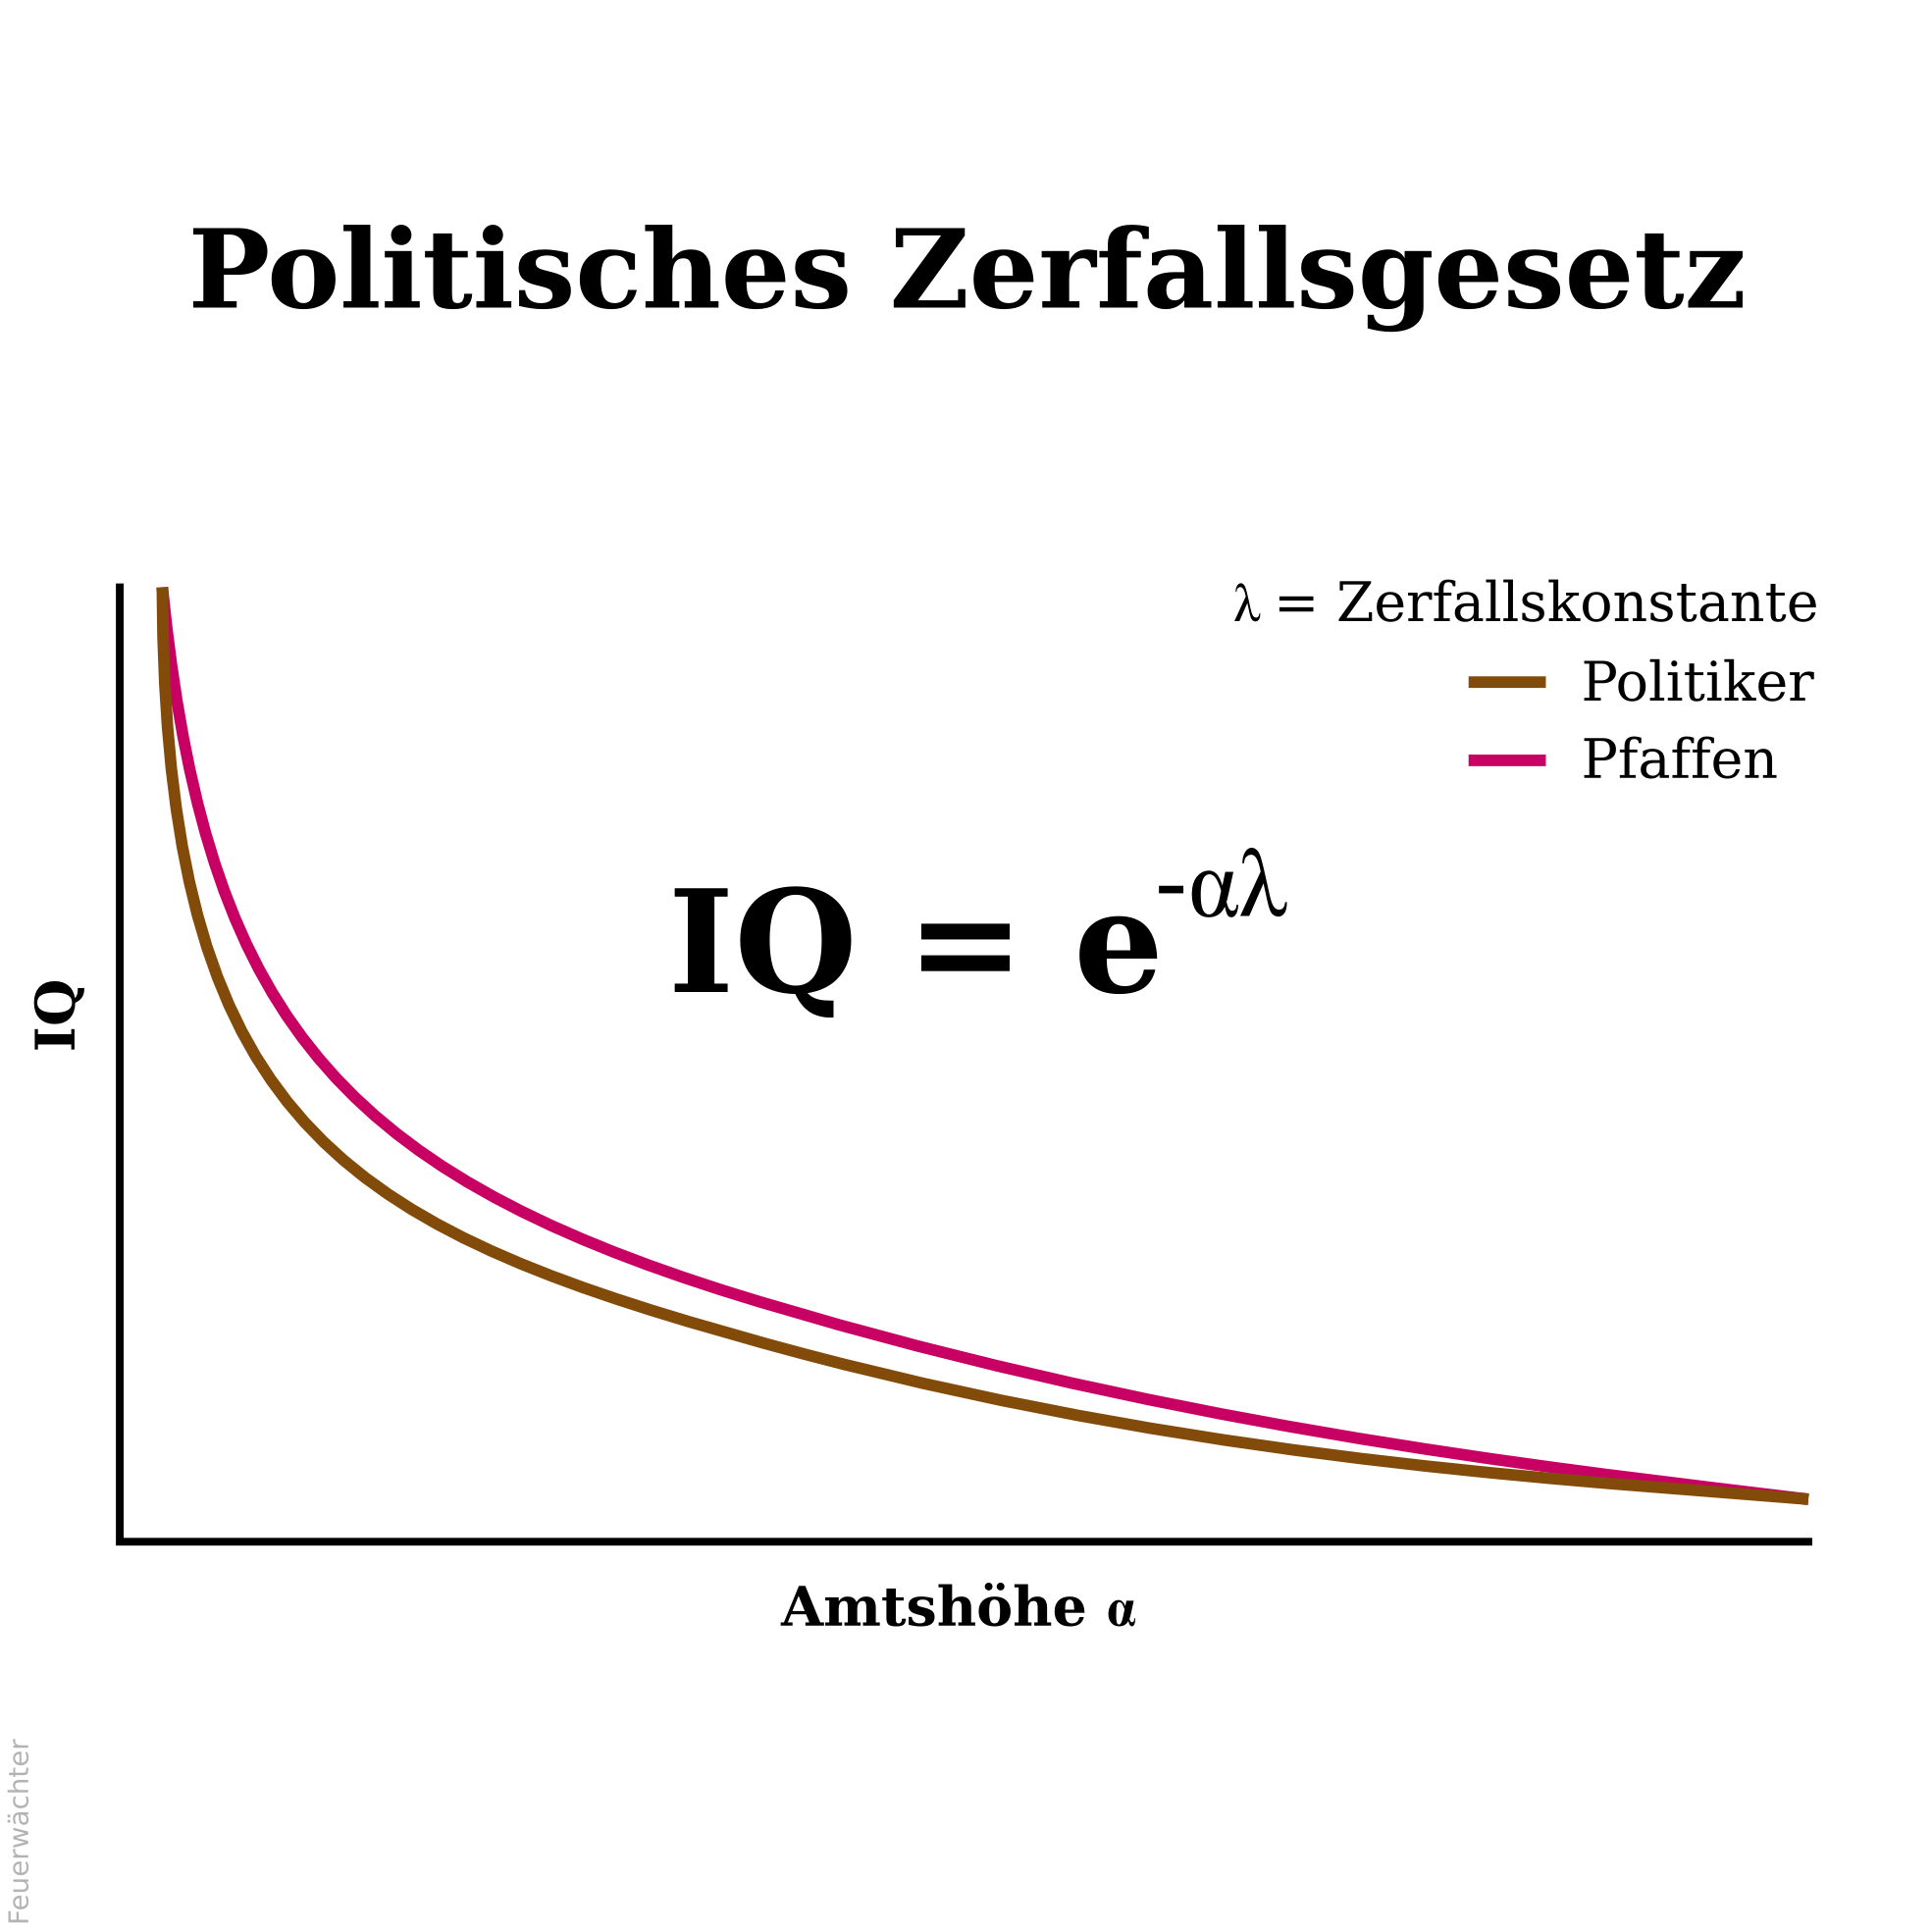 Politisches Zerfallsgesetz